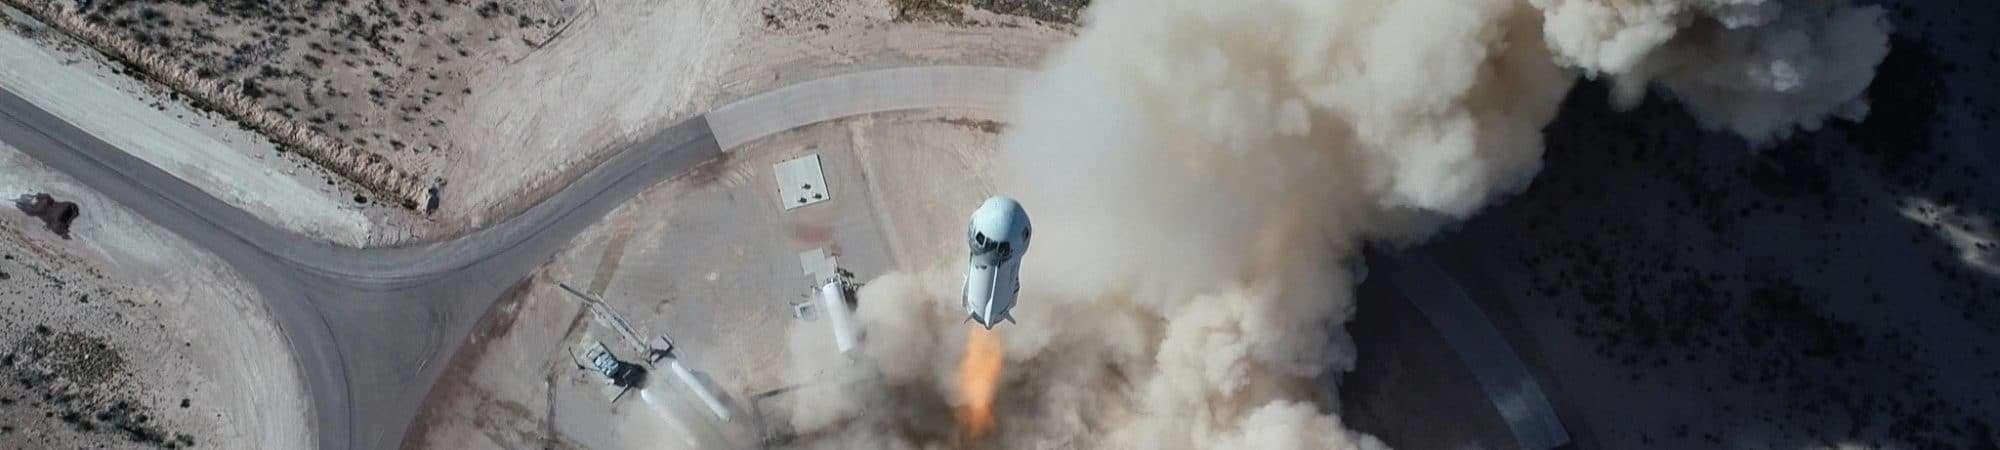 Decolagem da missão NS-14 do New Shepard da base de lançamento da Blue Origin no Oeste do Texas